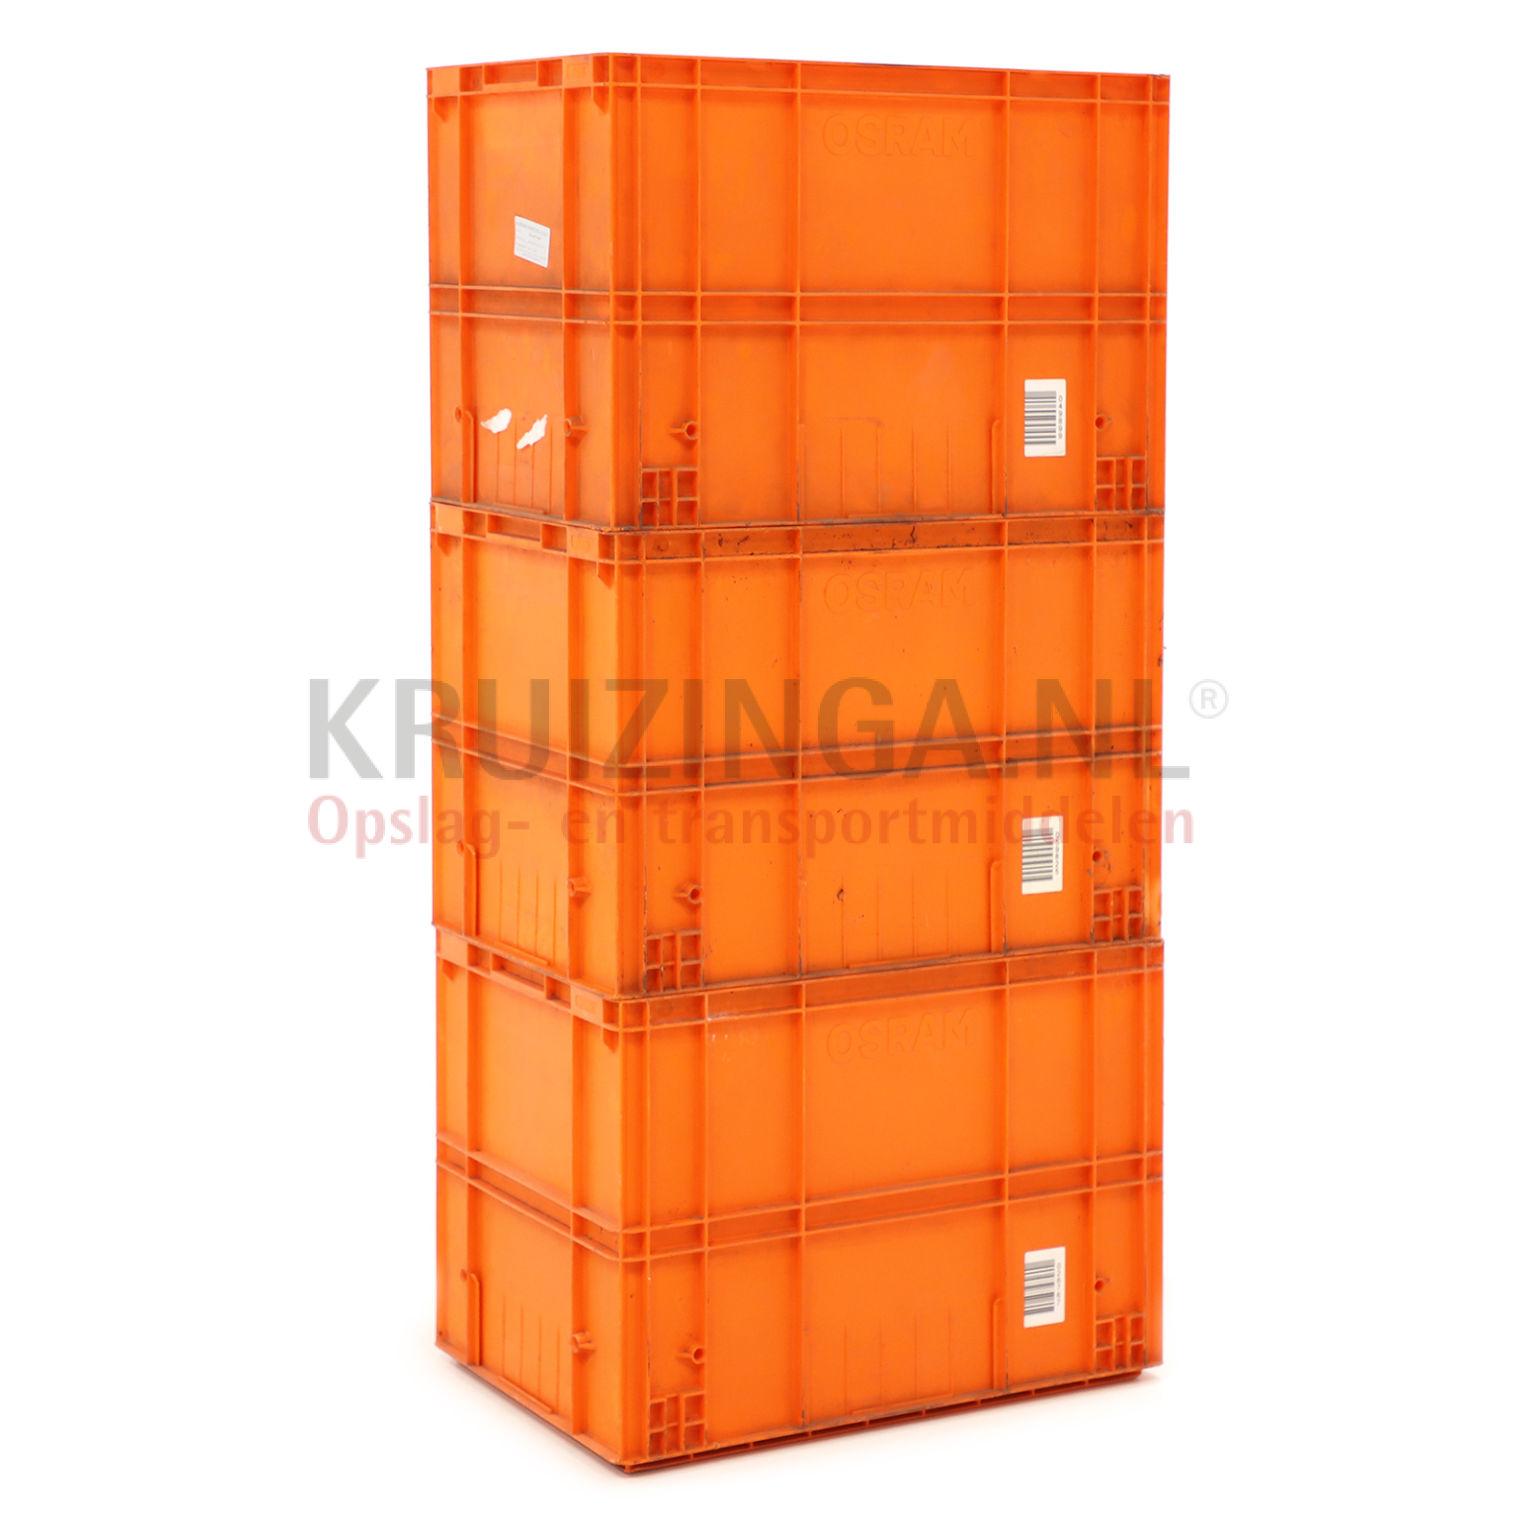 stapelboxen kunststoff stapelbar alle w nde geschlossen gebraucht ab 11 50 frei haus. Black Bedroom Furniture Sets. Home Design Ideas